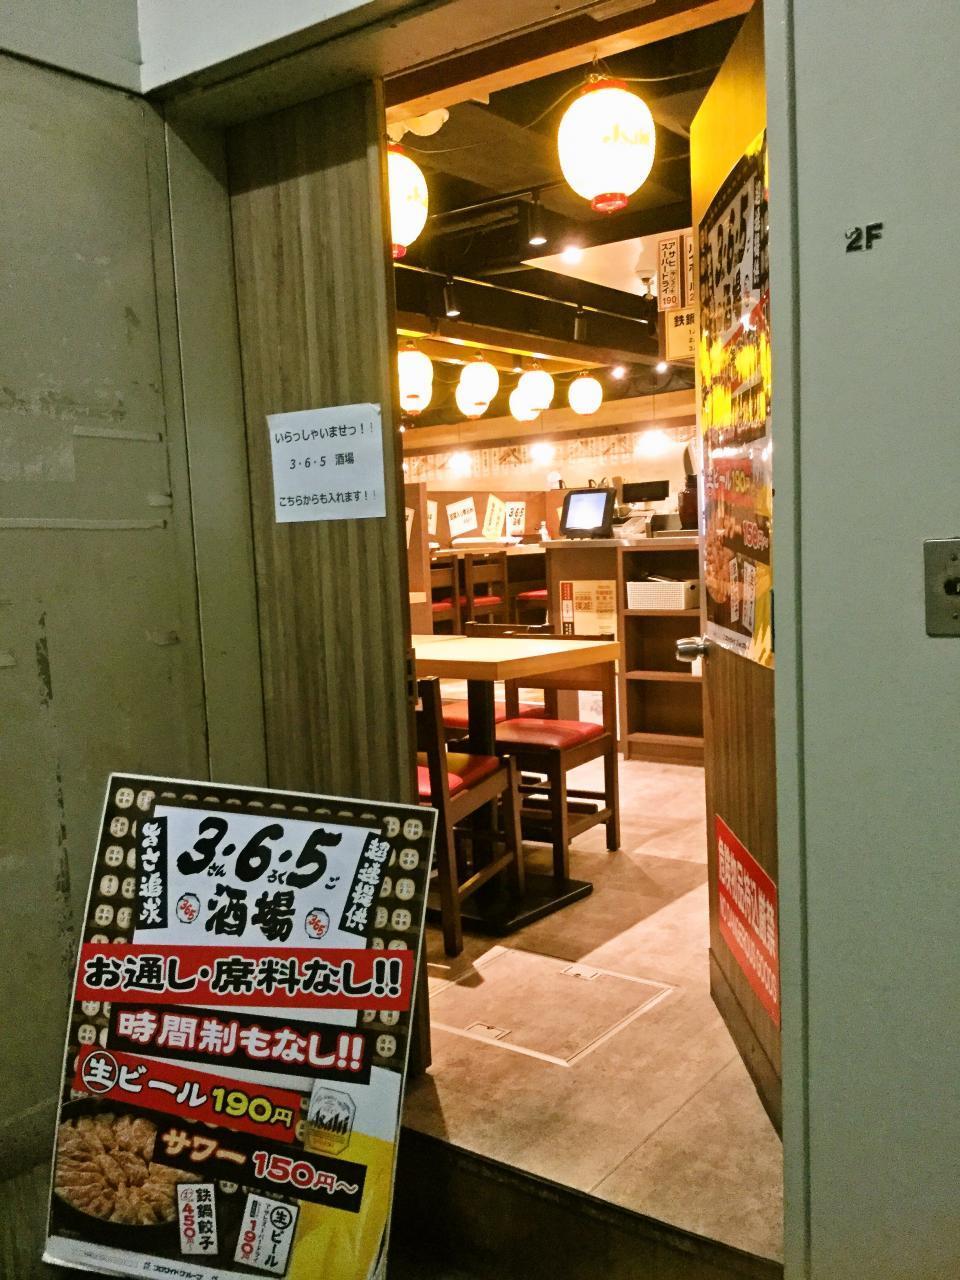 3・6・5酒場 渋谷本店(外観)